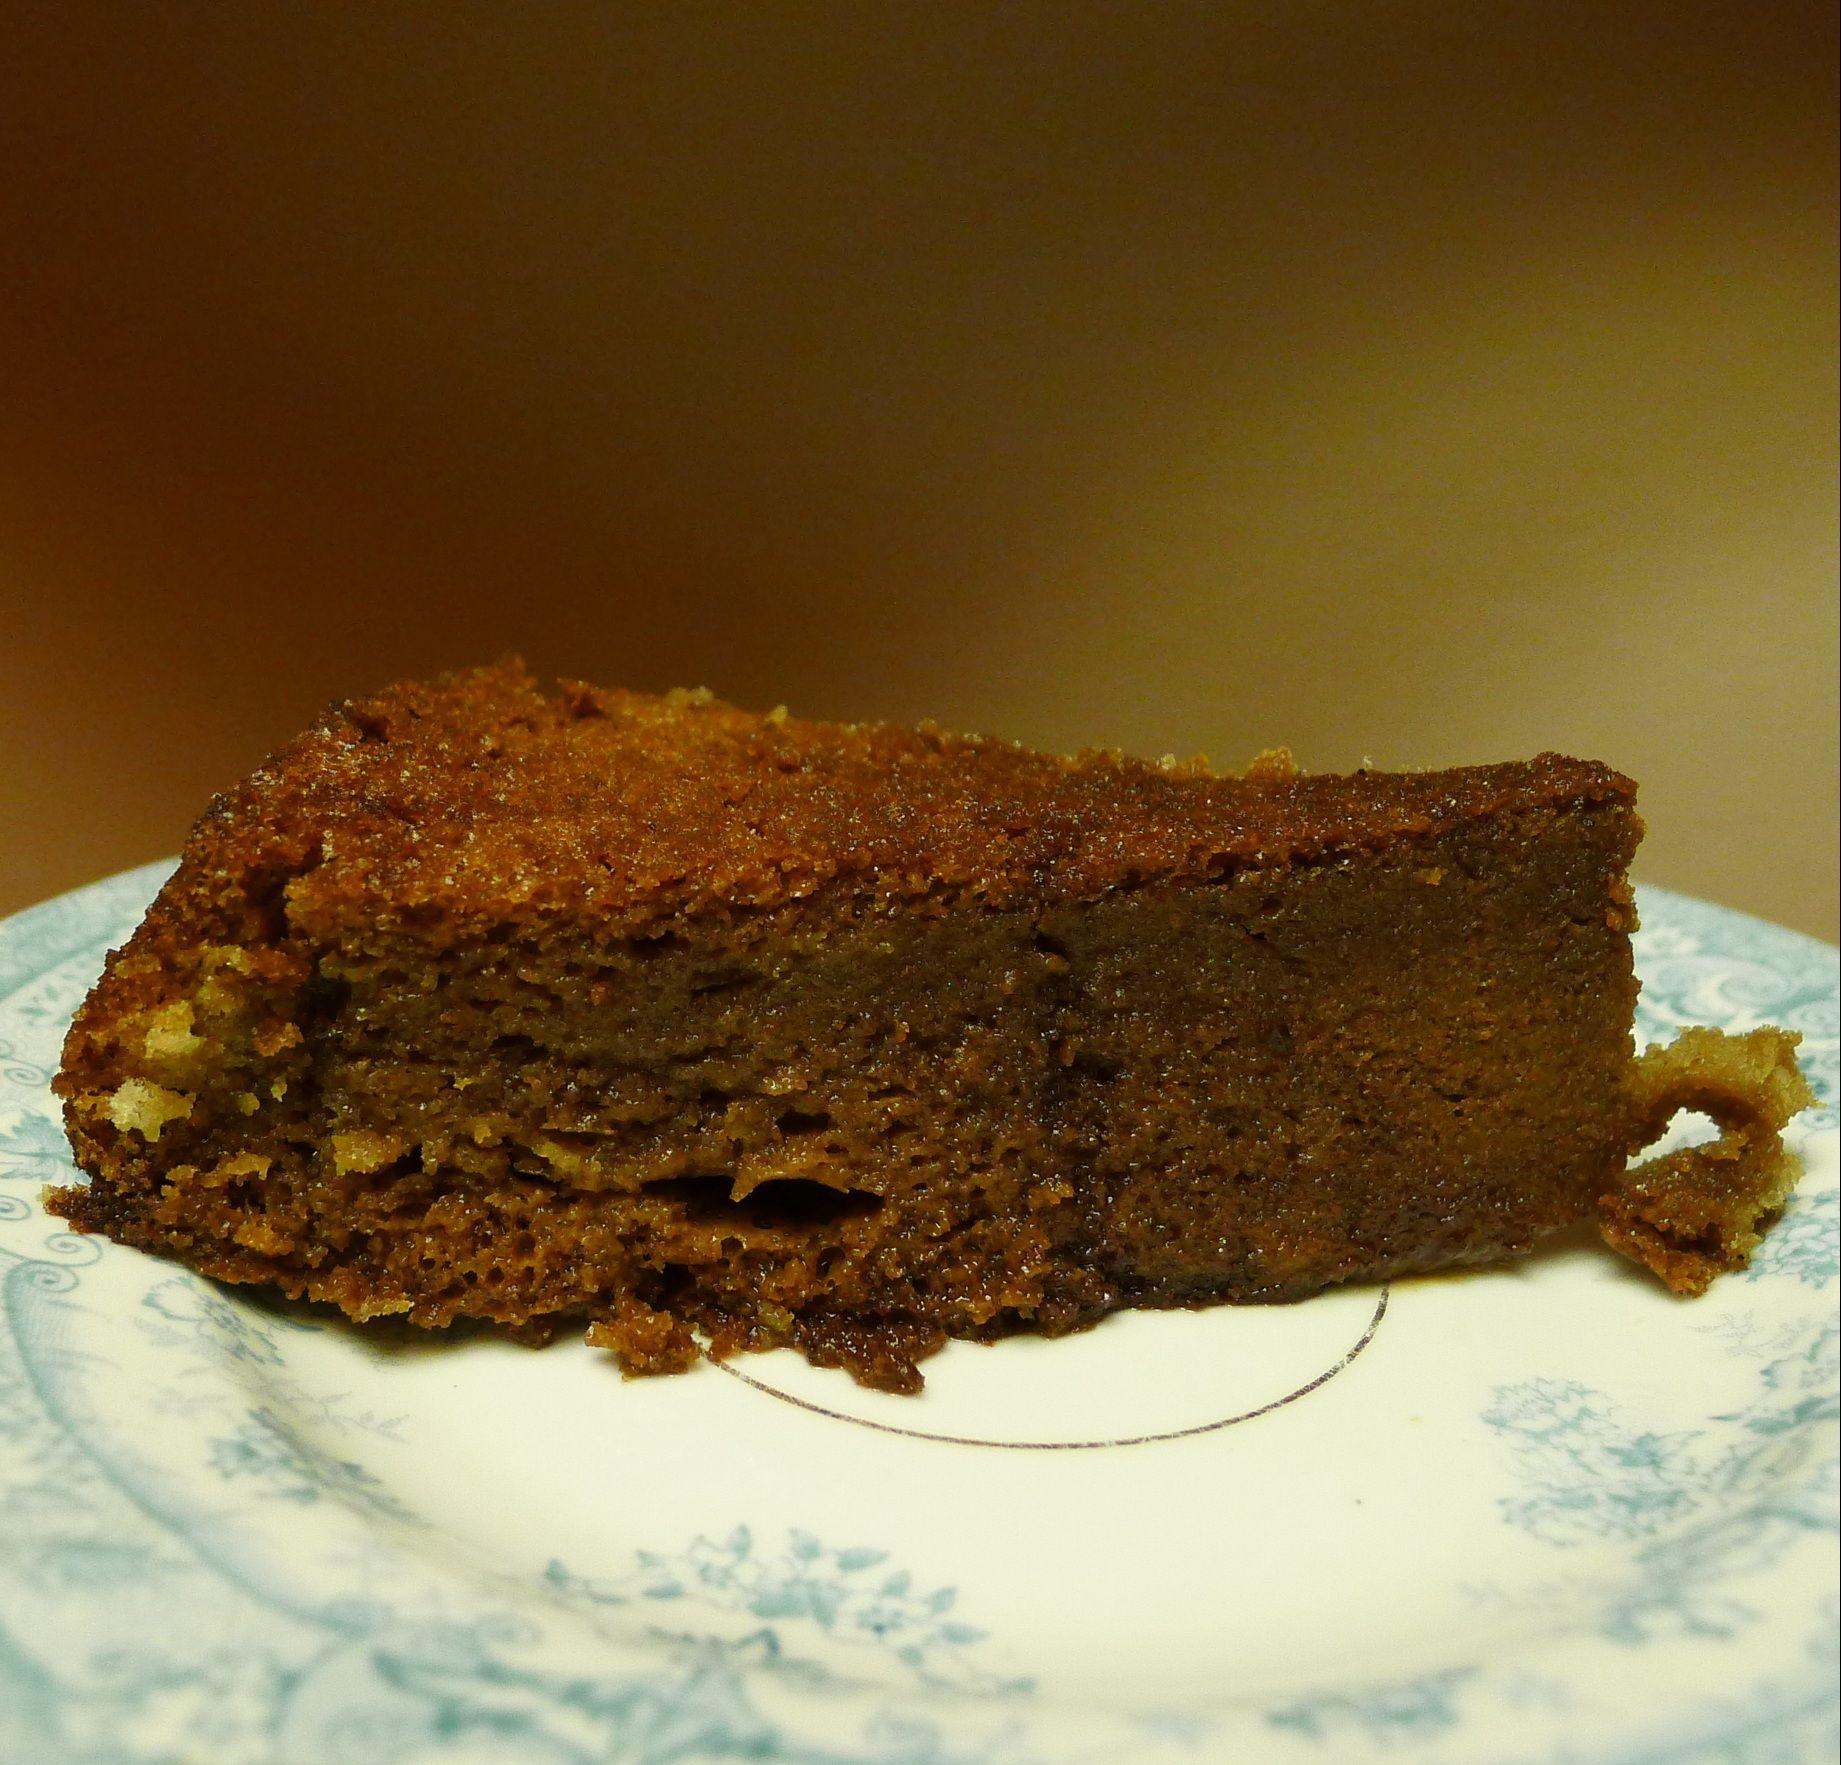 простой кофейный пирог рецепт с фото пределами